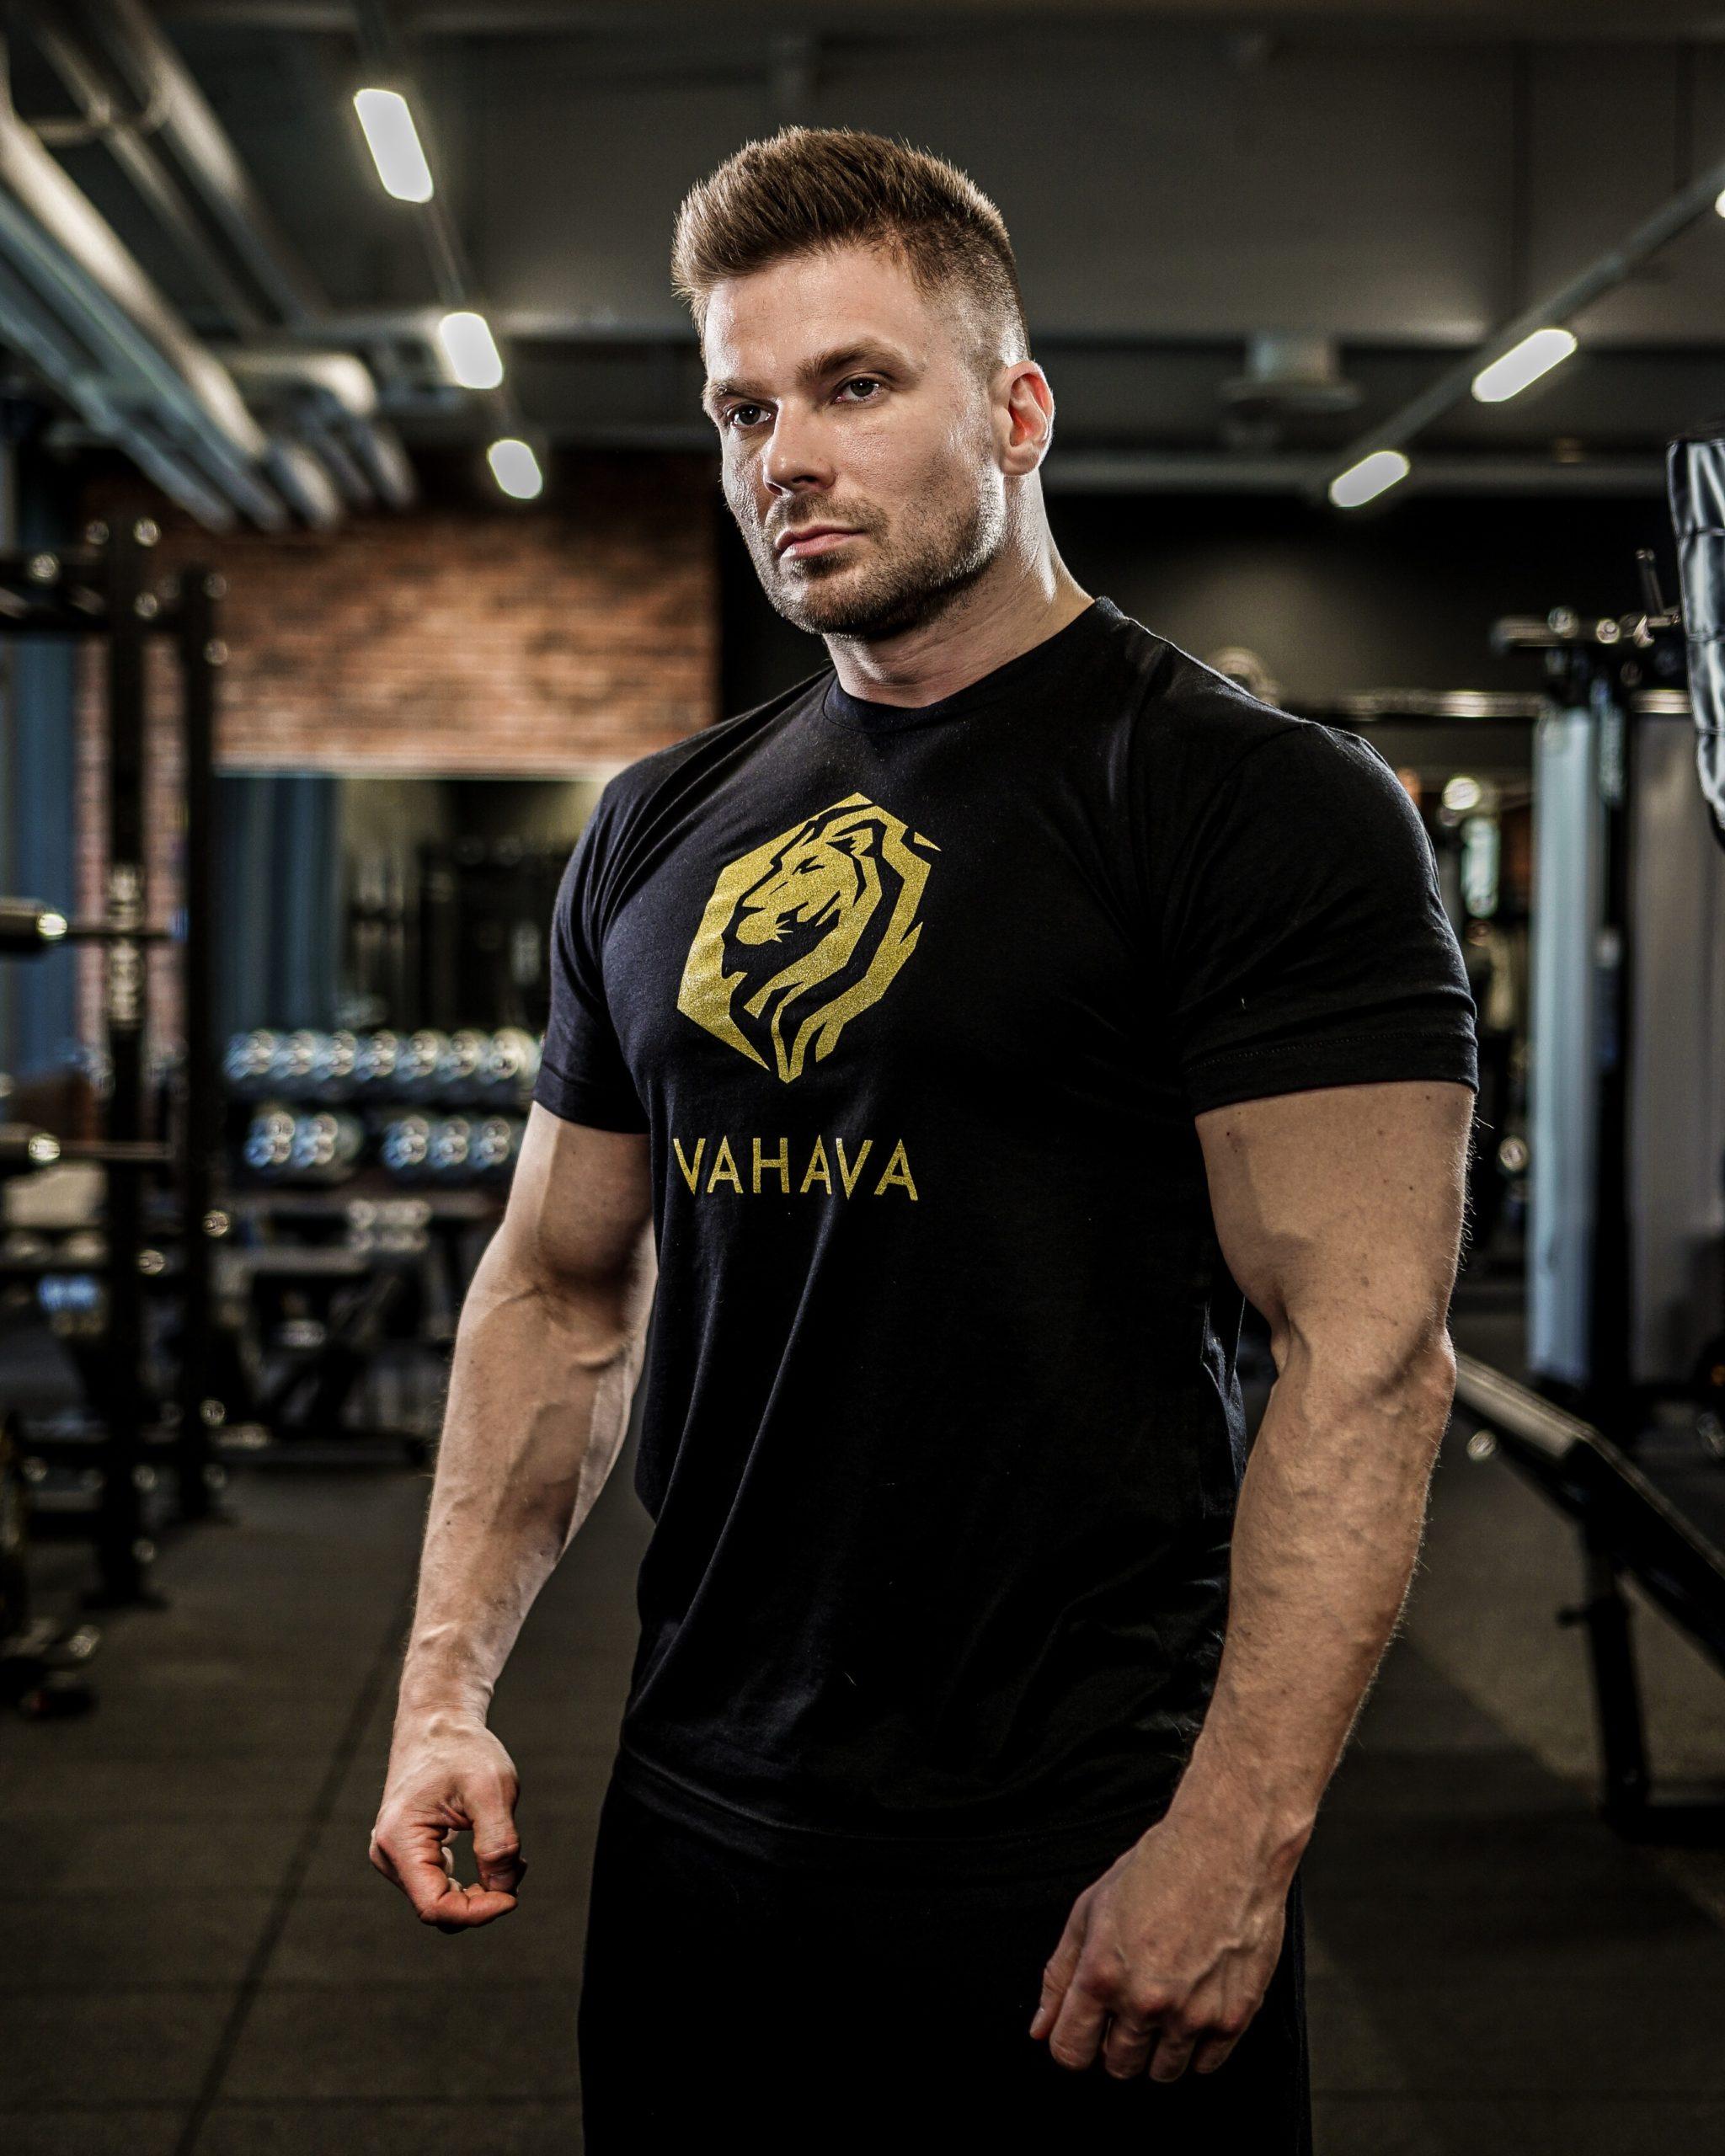 Miesten Vahava T-paita